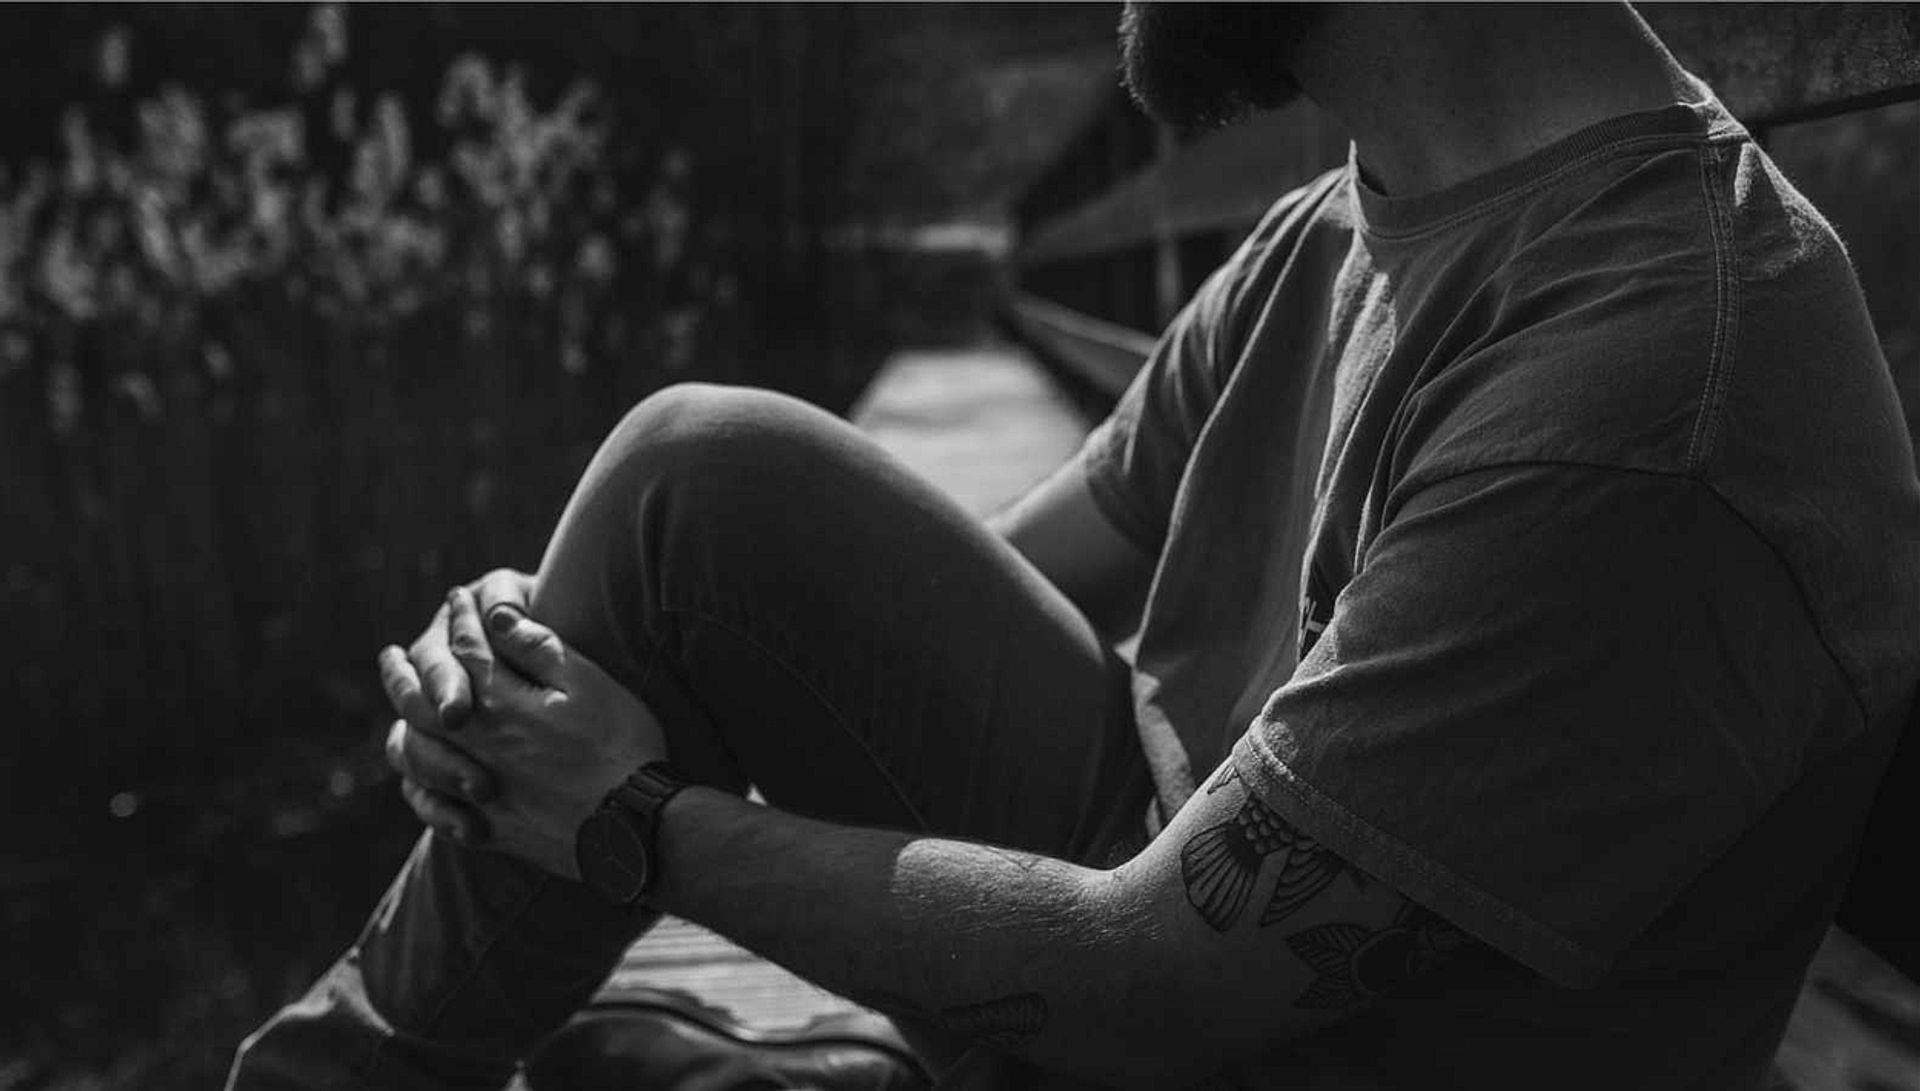 'Ik voelde me betrapt' - Hoe het Enneagram Jorn confronteerde met zichzelf